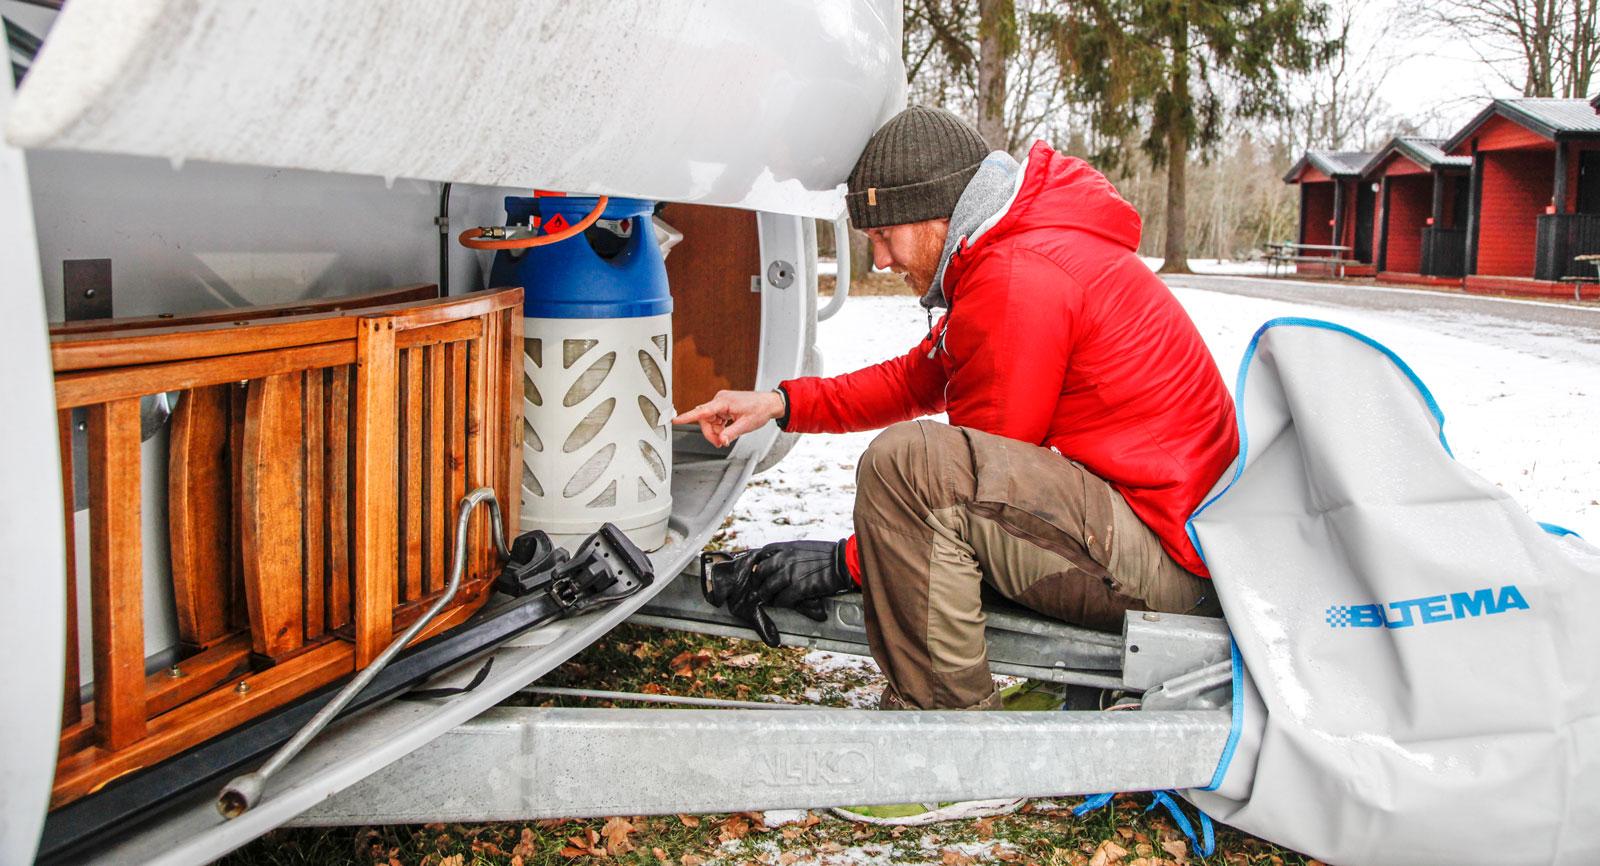 Det draaar! Åtgången på gasol är inte den roligaste aspekten av vintercamping, menar Joacim.